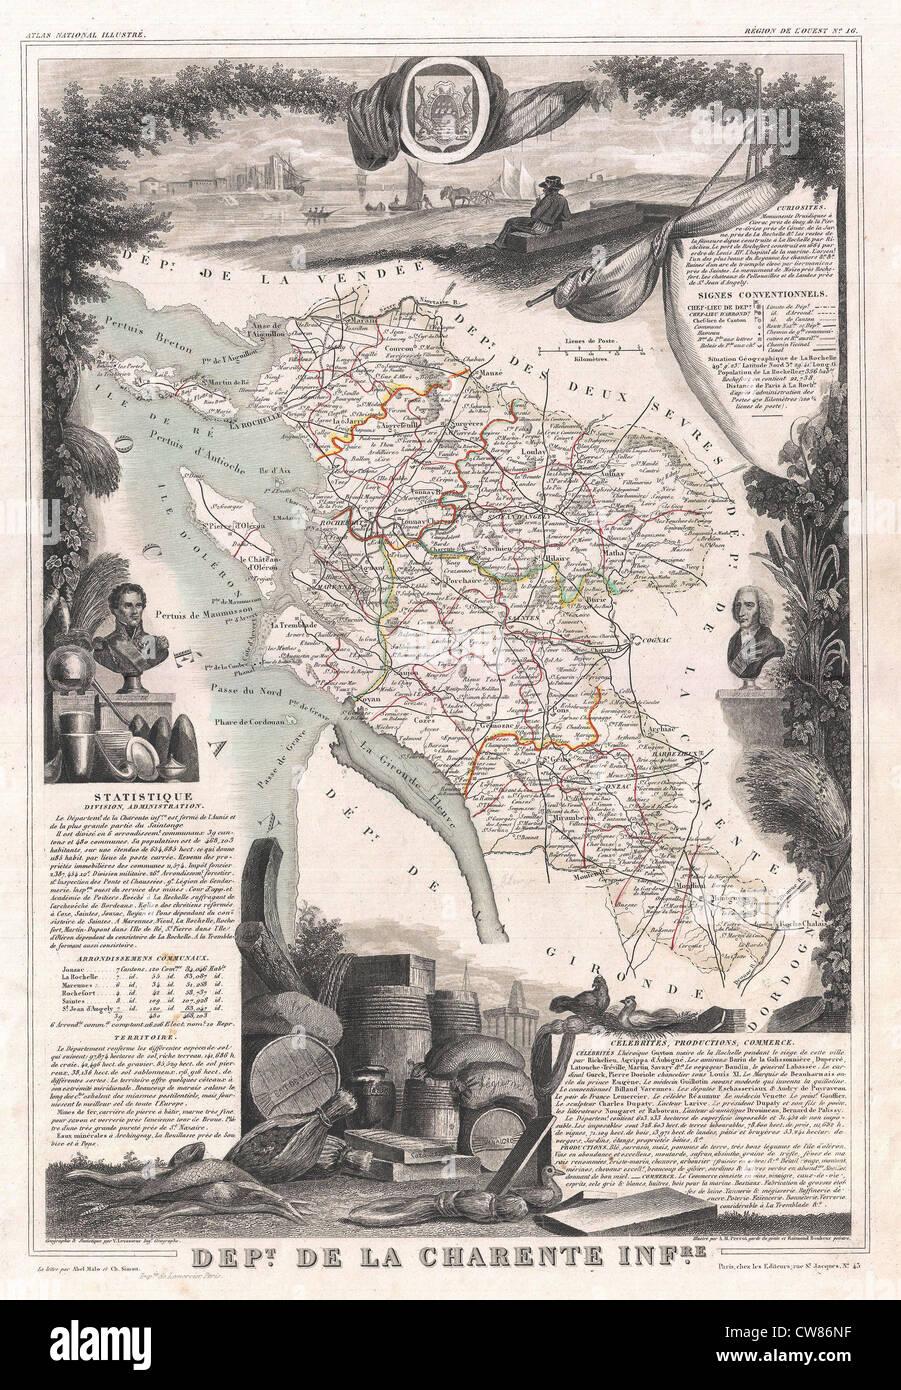 1852 Levasseur Map of the Department De La Charente Maritime - - Stock Image